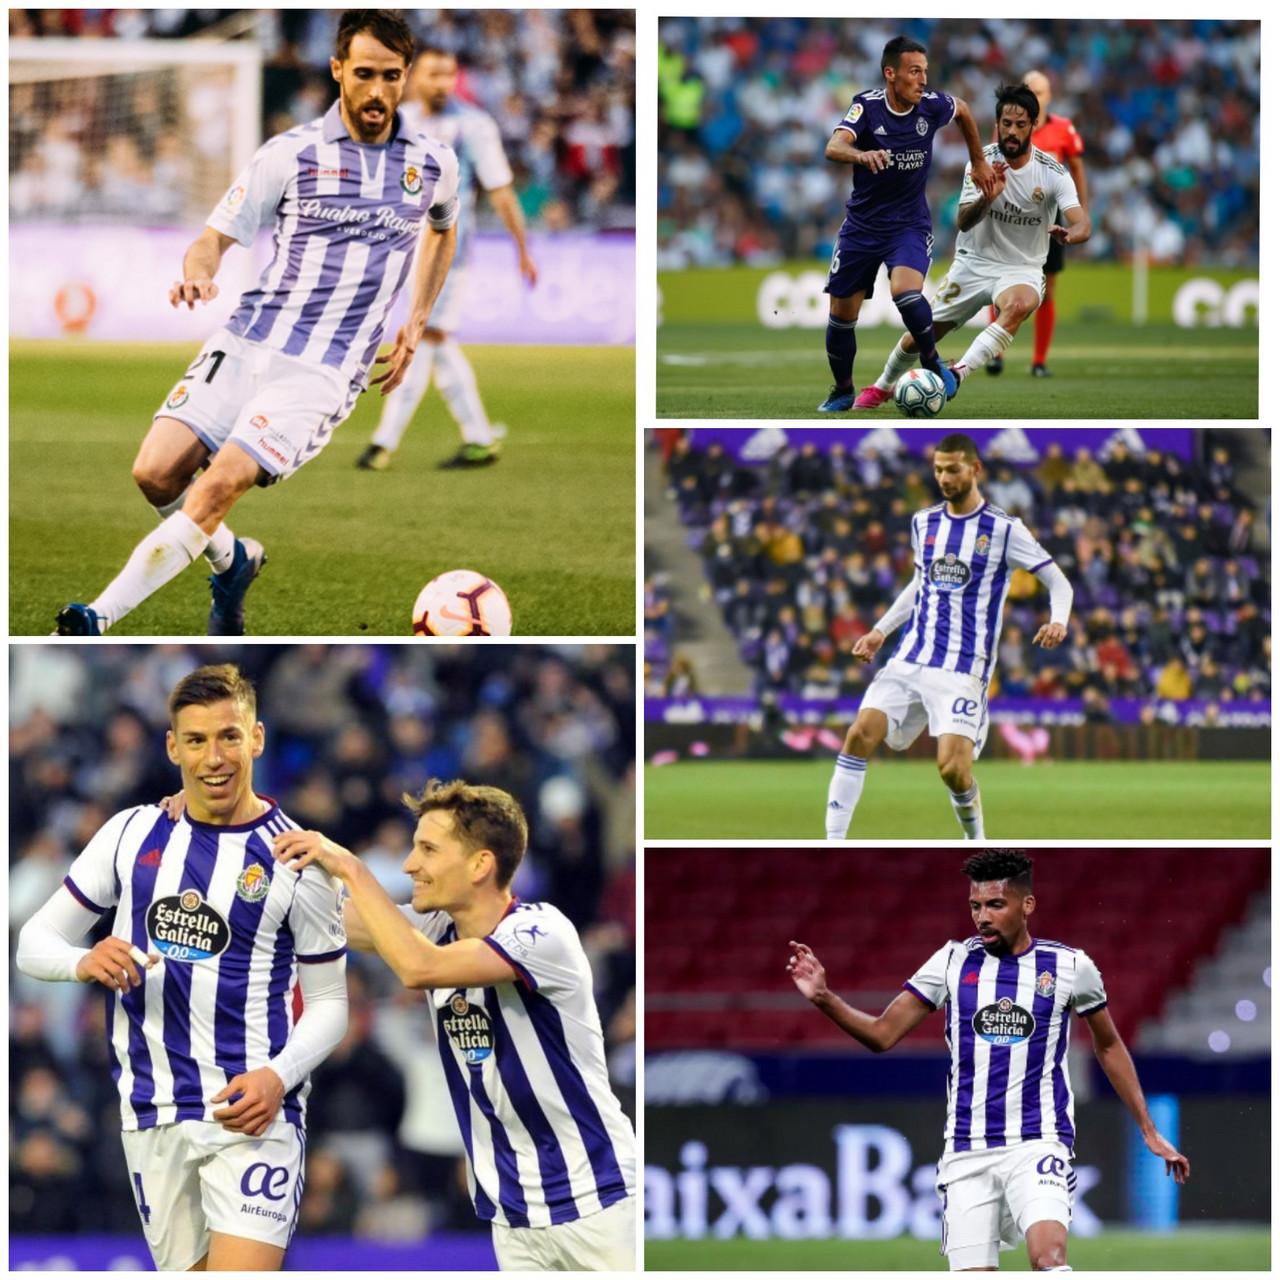 Análisis de los centrocampistas del Real Valladolid